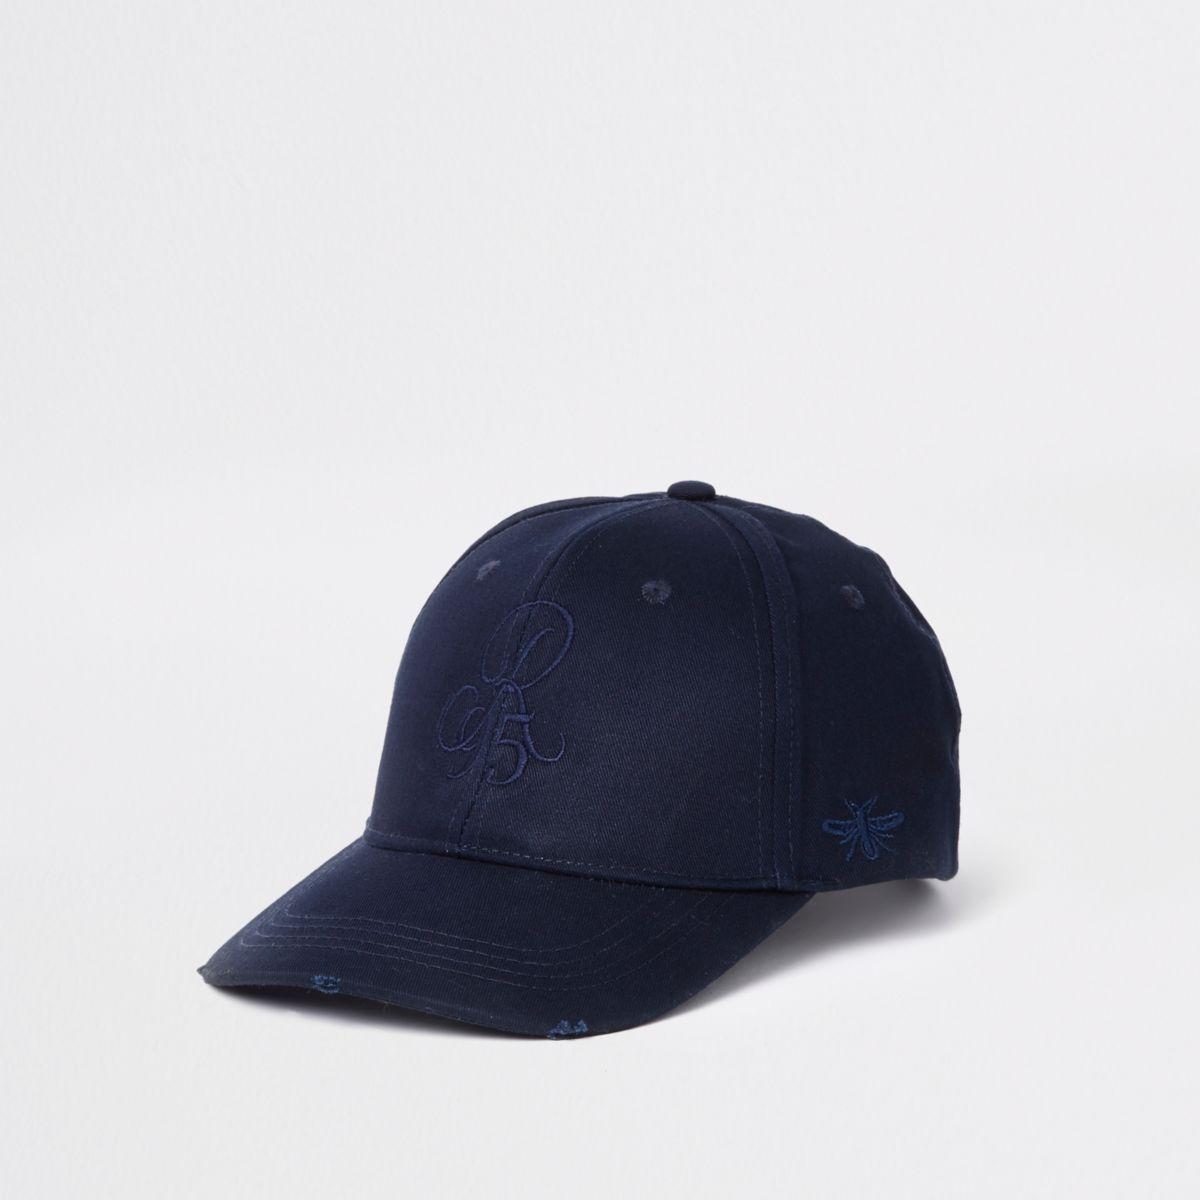 Navy 'R95' baseball cap